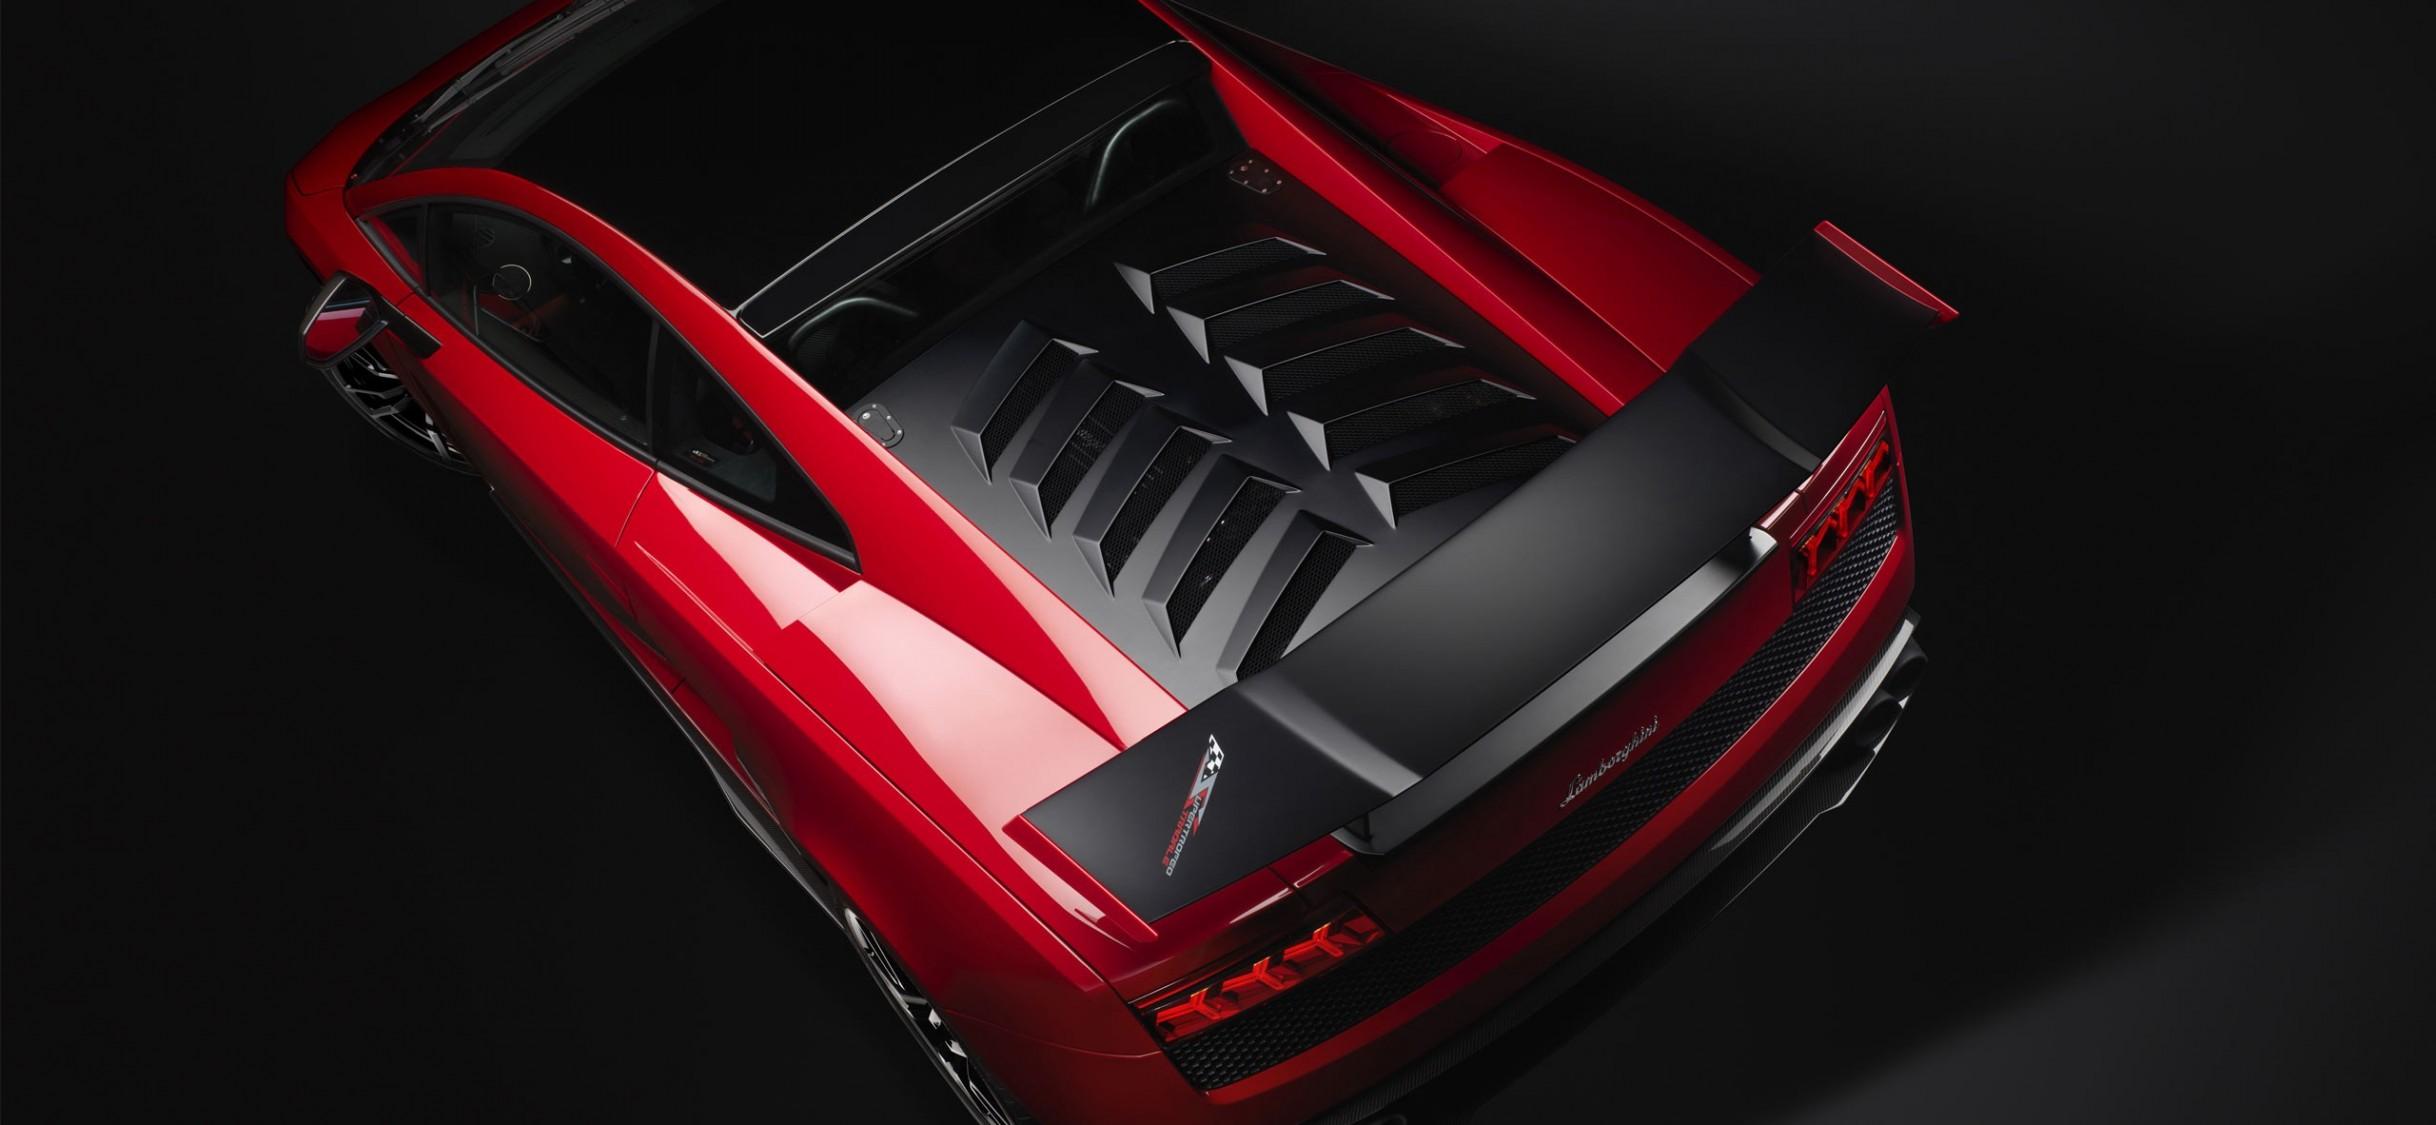 Lamborghini Gallardo Lp570 4 Hd Wallpaper Iphone X Hd